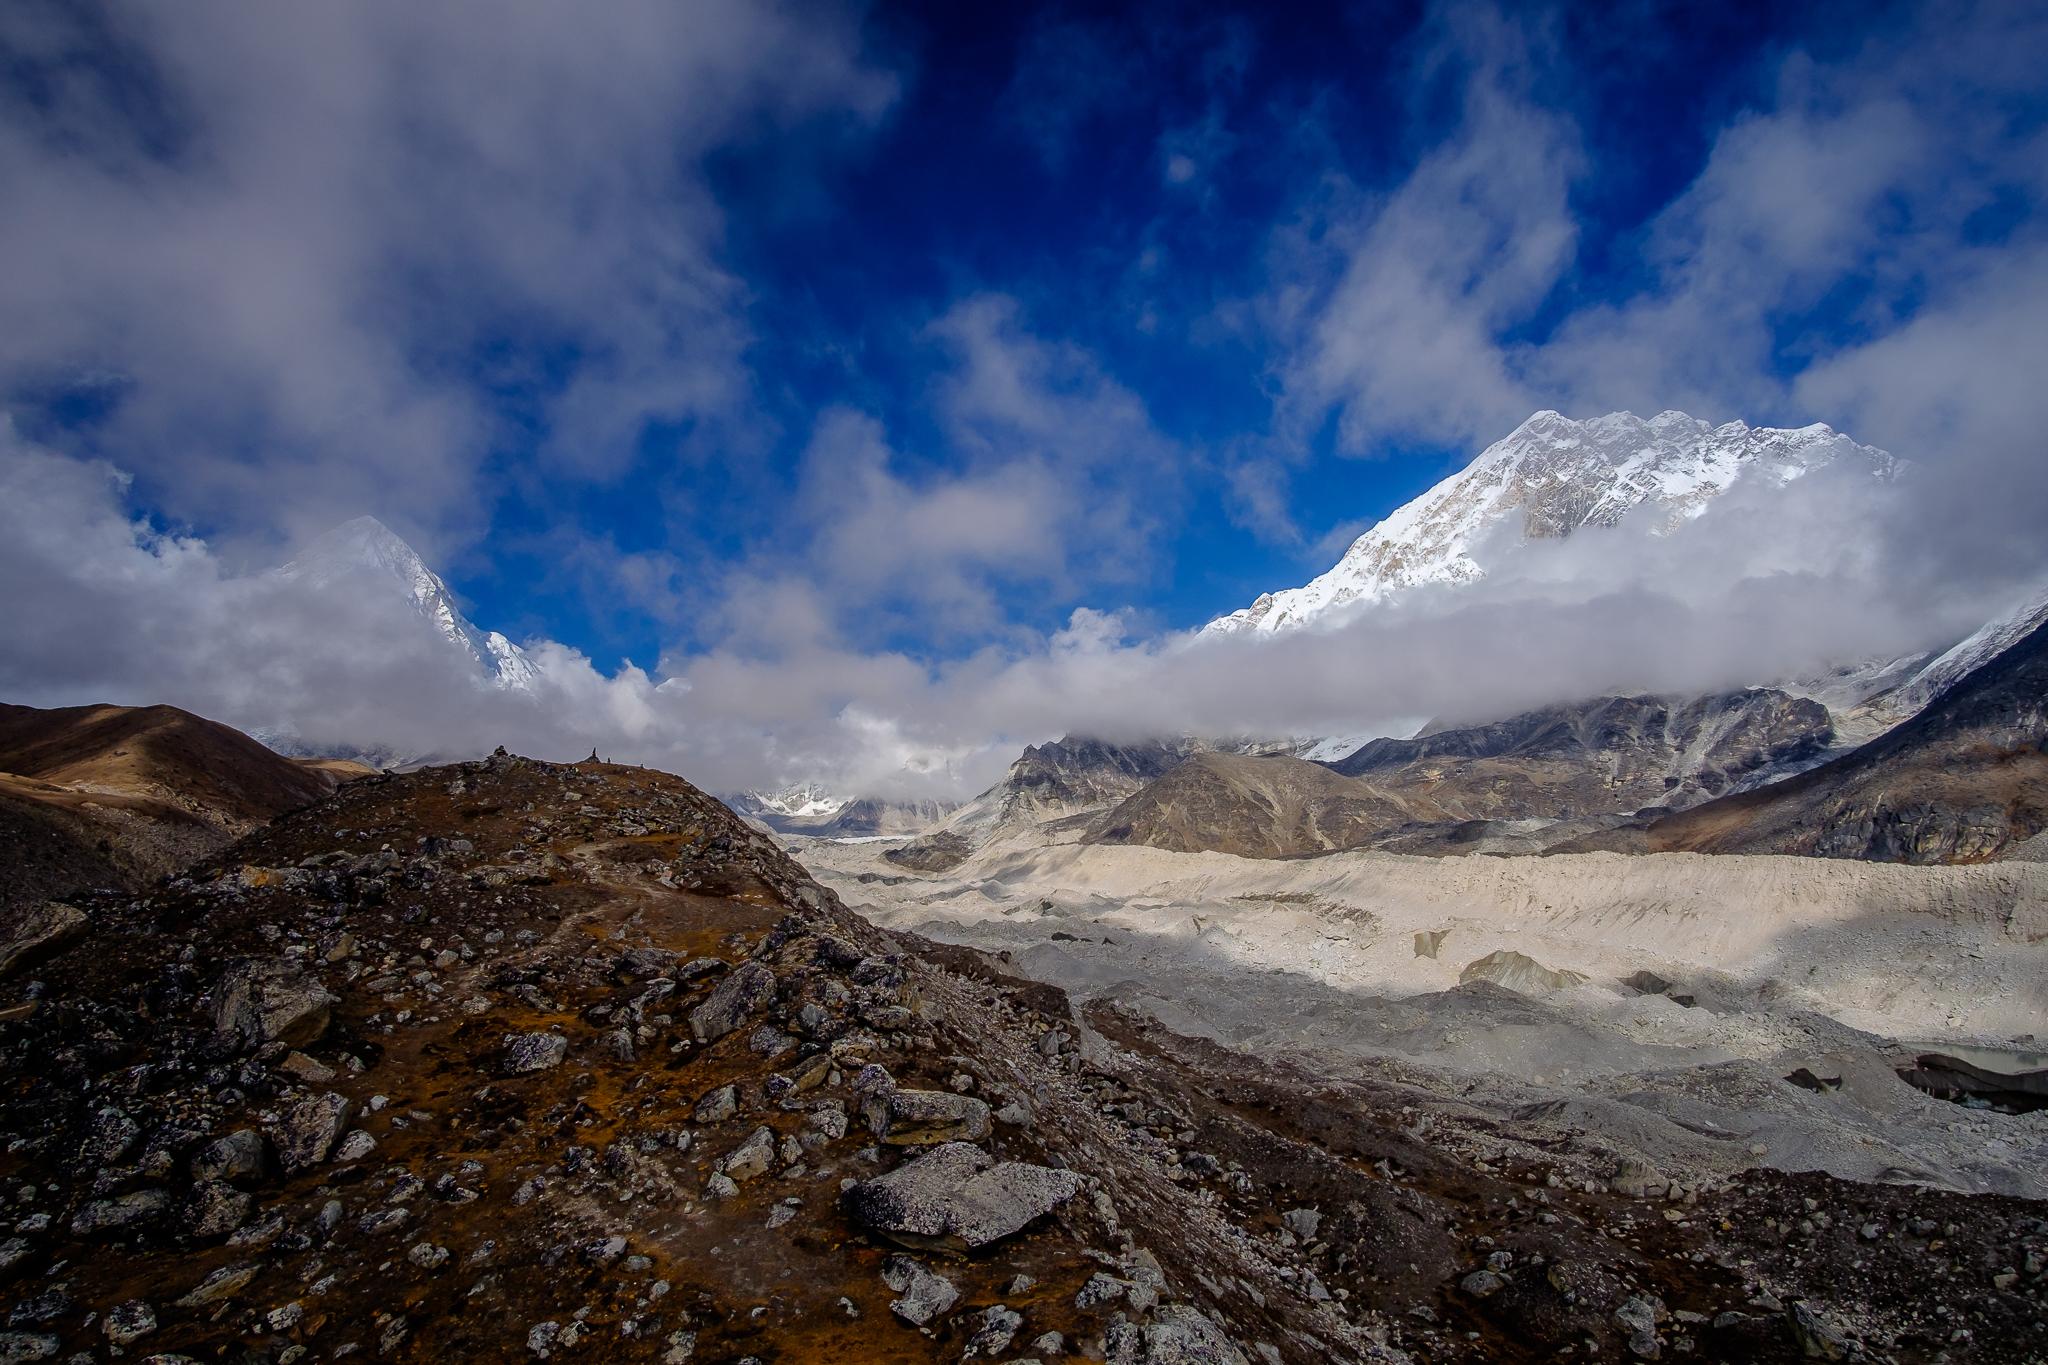 Khumbu Glacier and the Lhotse/Nuptse mountain cluster